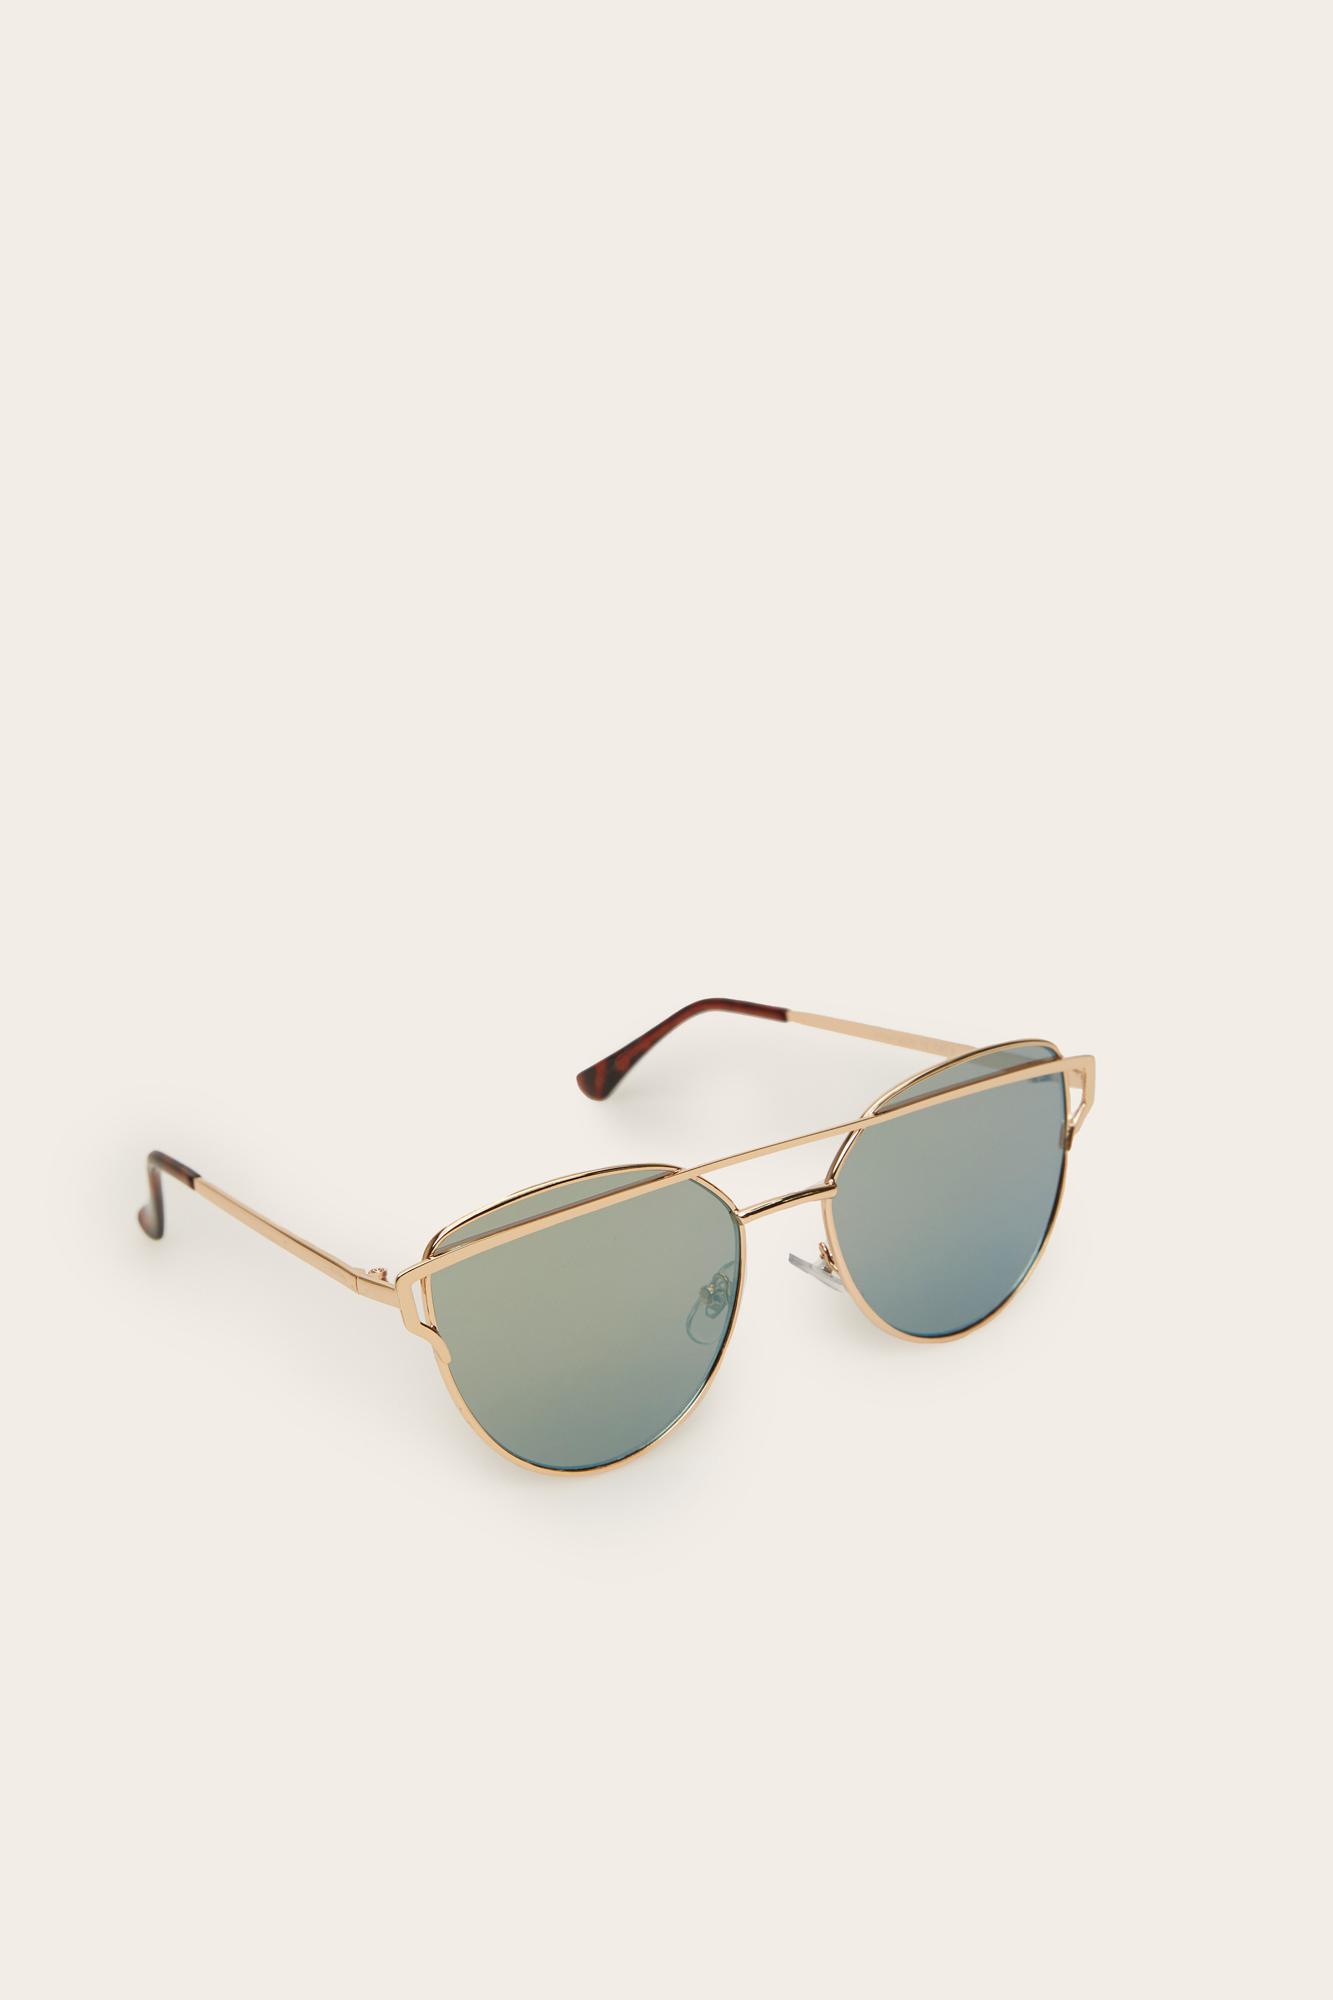 Gafas sol aviador   Bisutería y gafas de sol   Women'secret